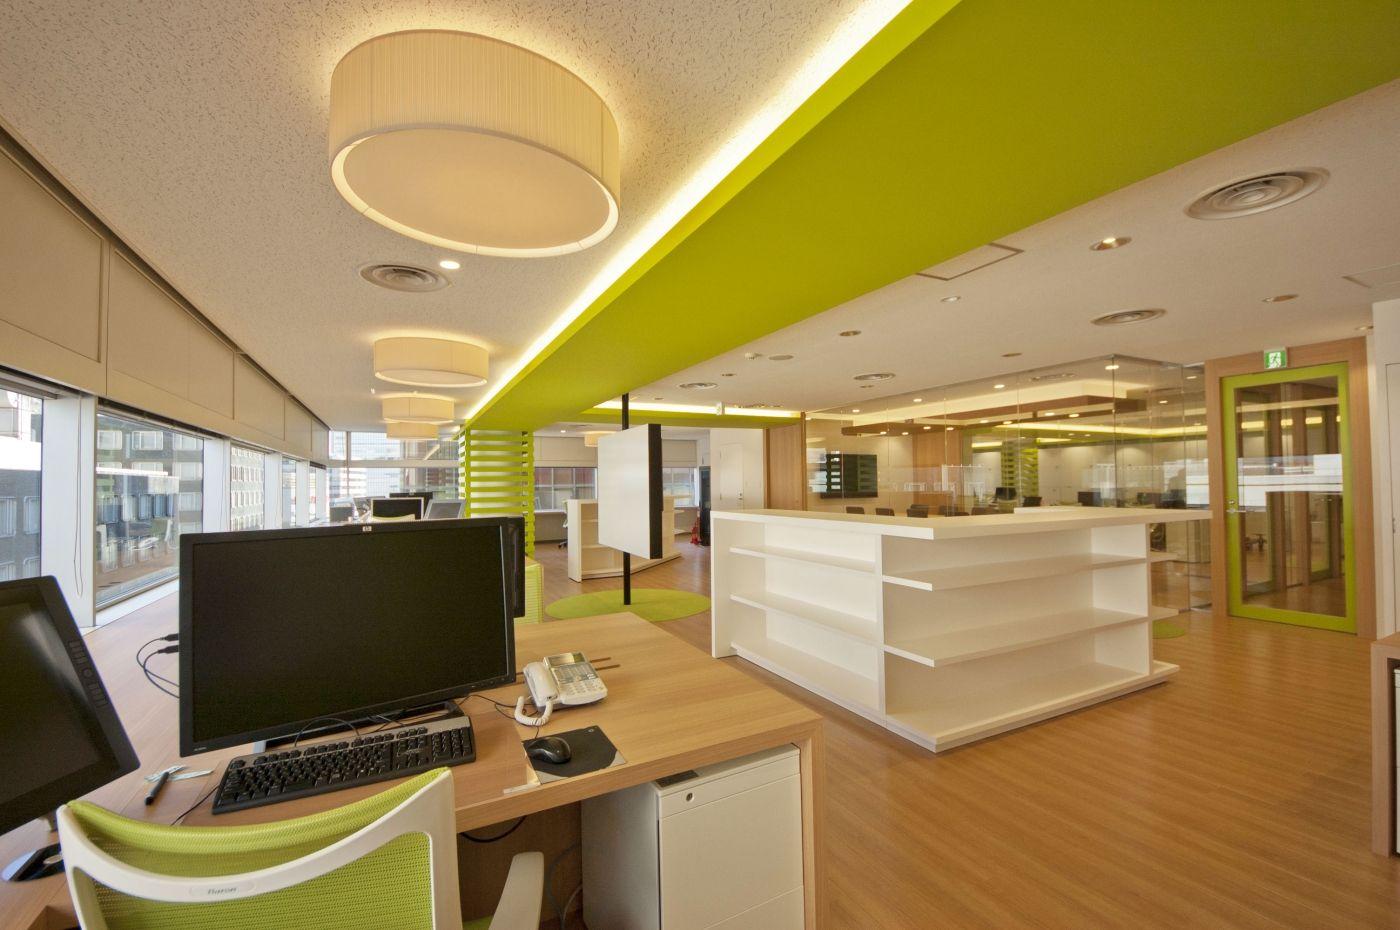 細部にこだわったクリエイティブオフィス|オフィスデザイン事例|デザイナーズオフィスのヴィス Gp内装